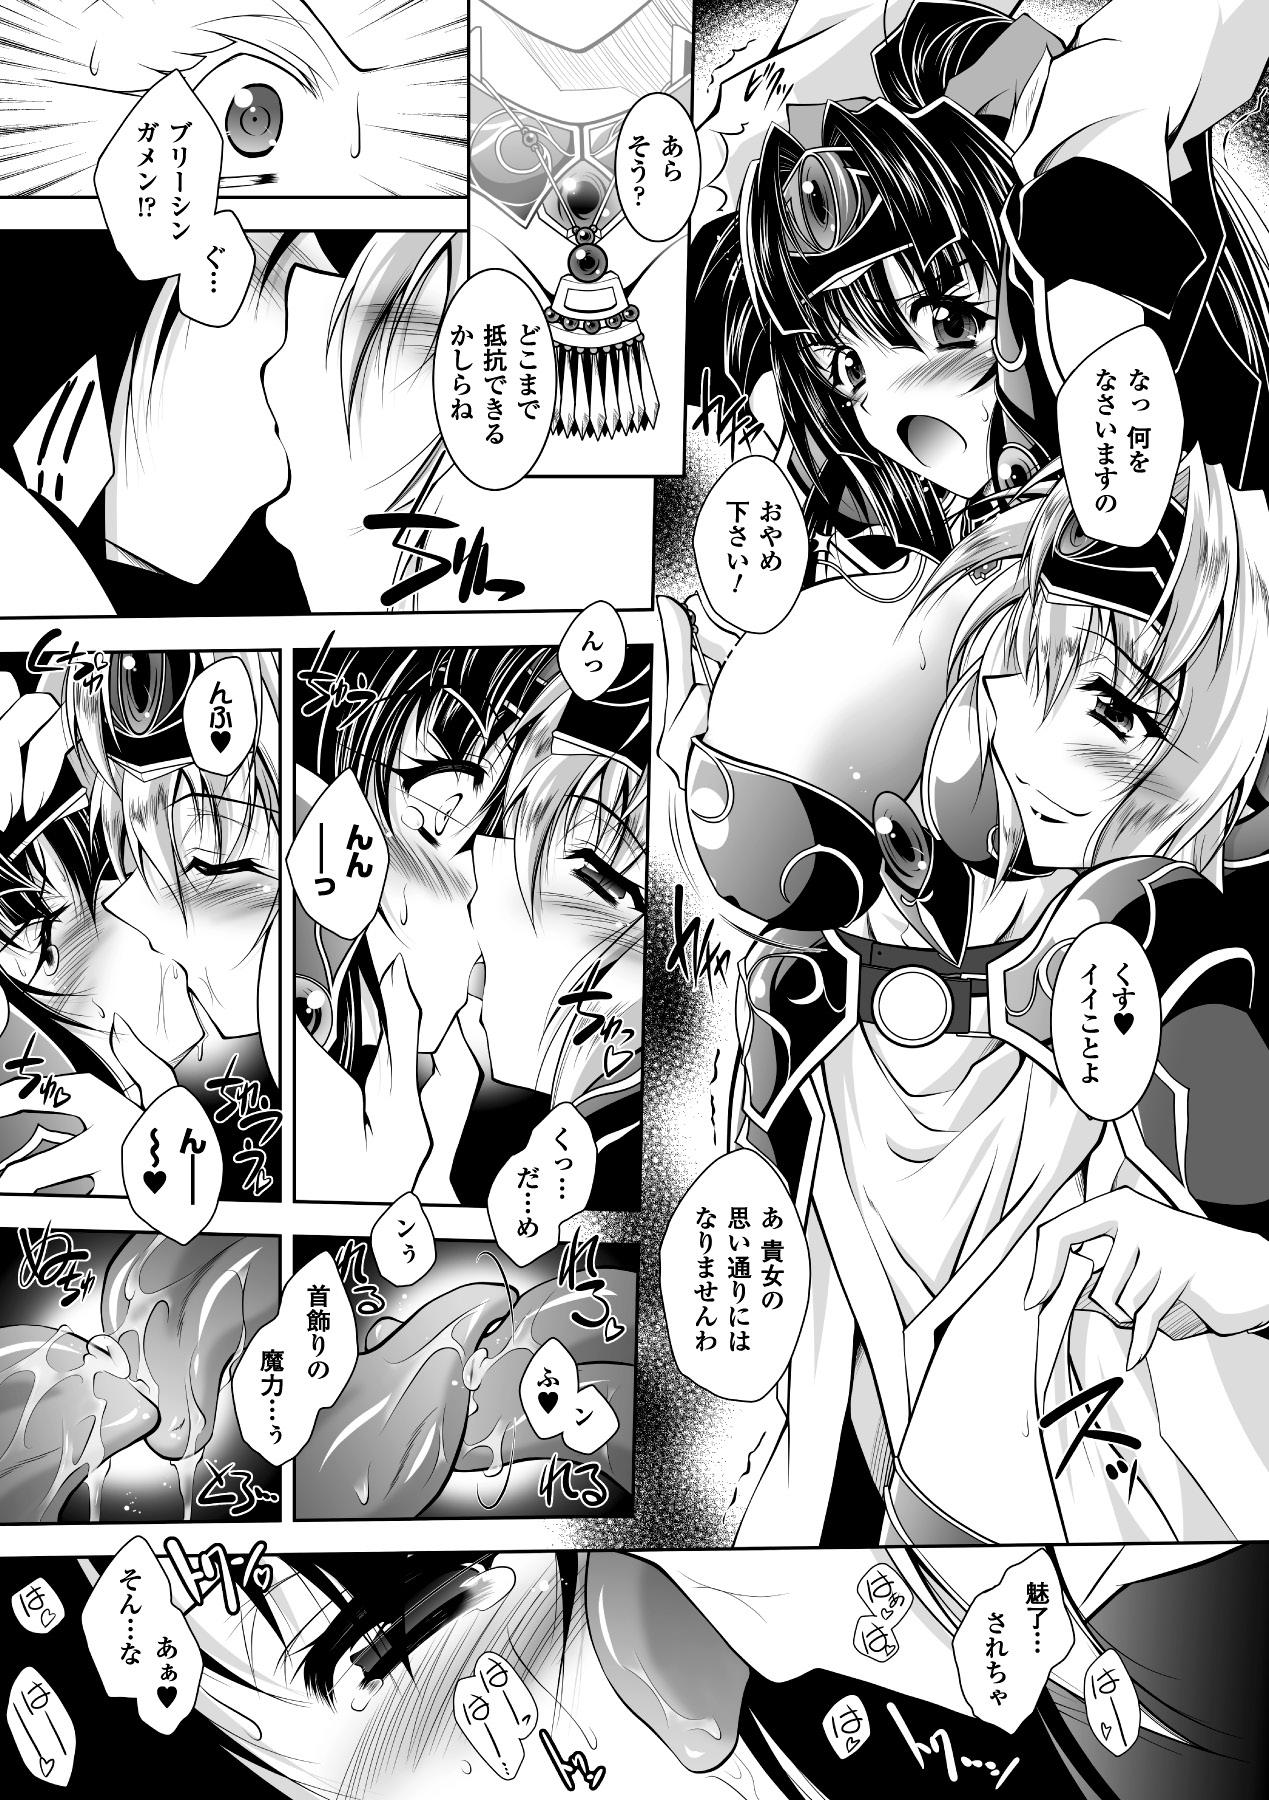 [Parfait] Mesu Inu no Tooboe ~Injyoku Elegy~ - The Howling Of A Bitch [Digital] 30